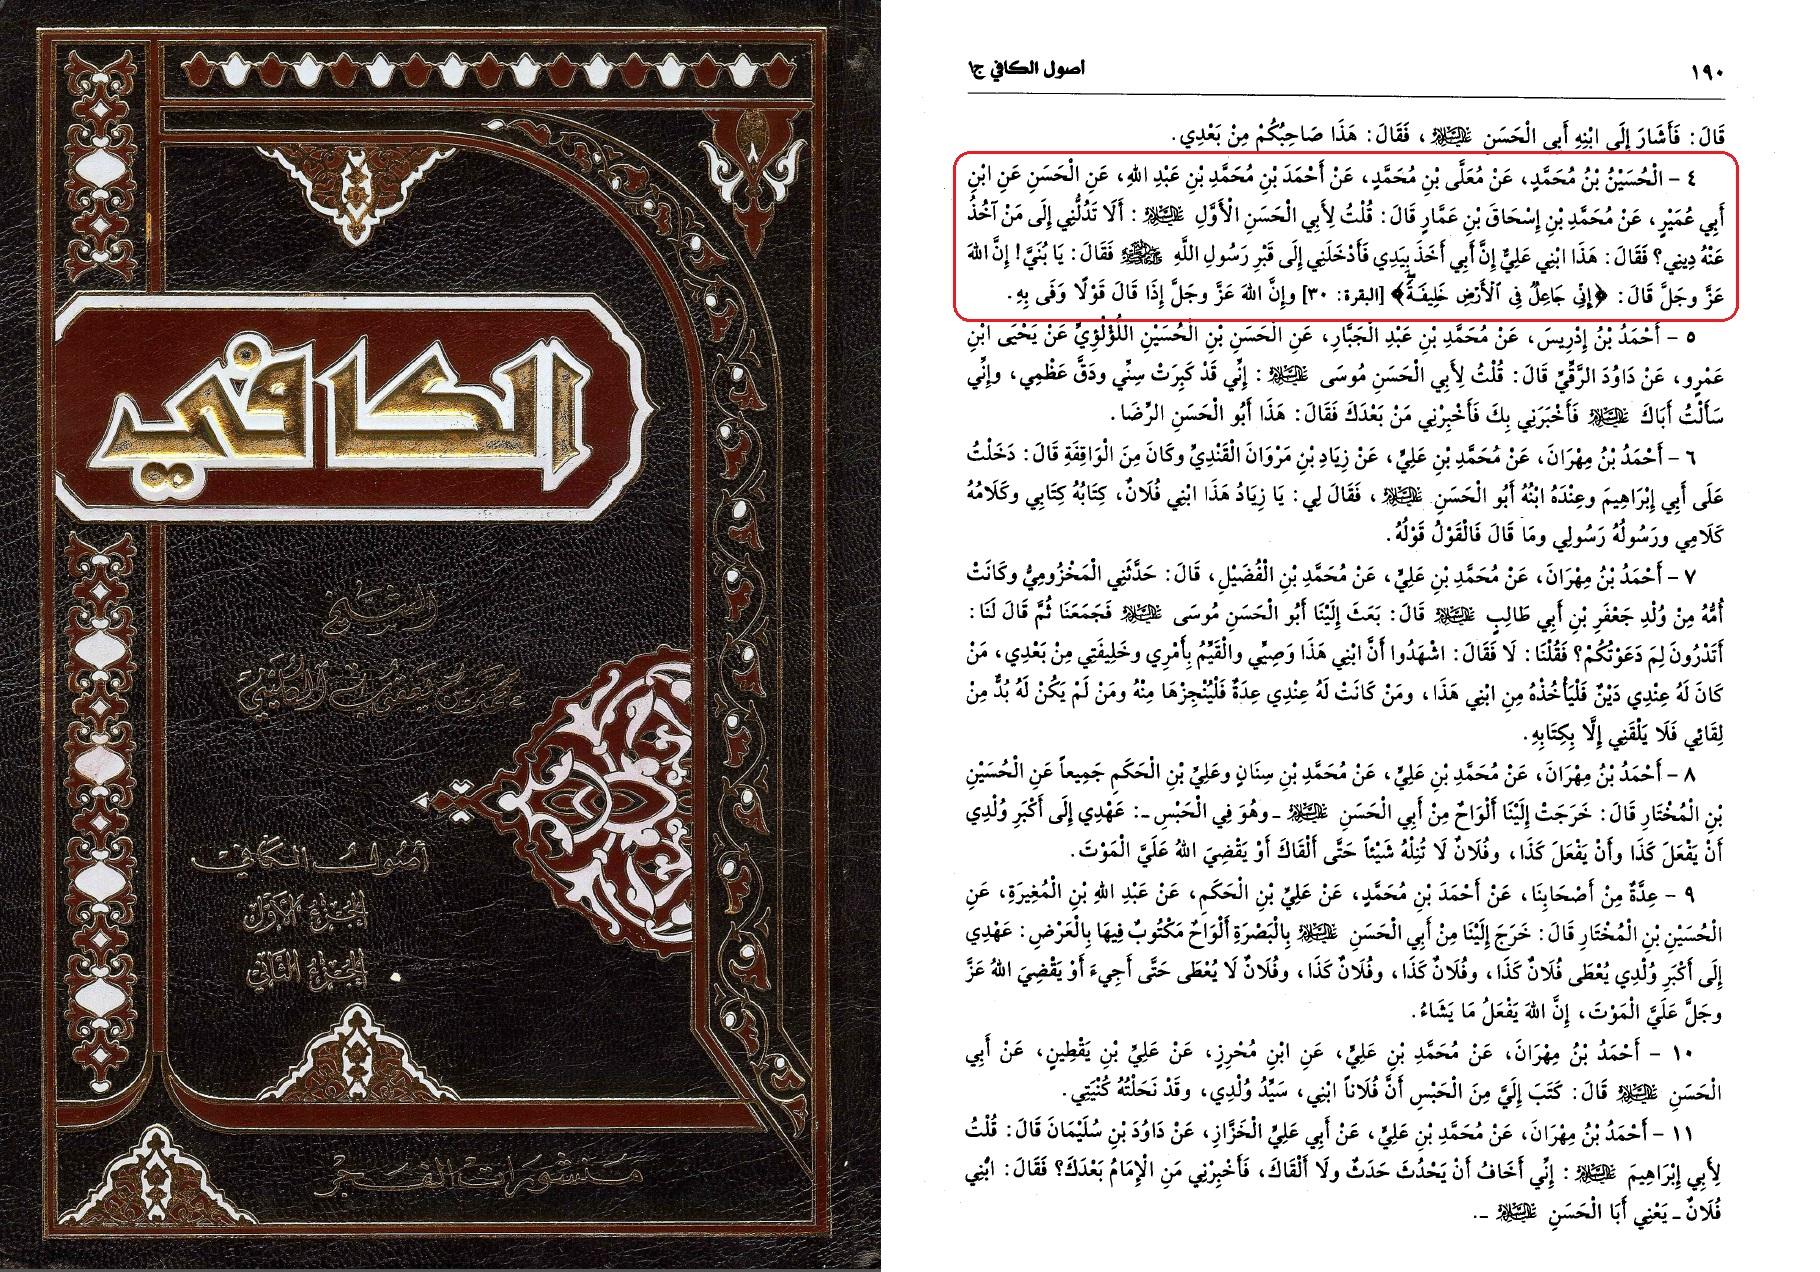 b 1 s 190 h 4 el Kafi lil Kafir bi Imamat Umar